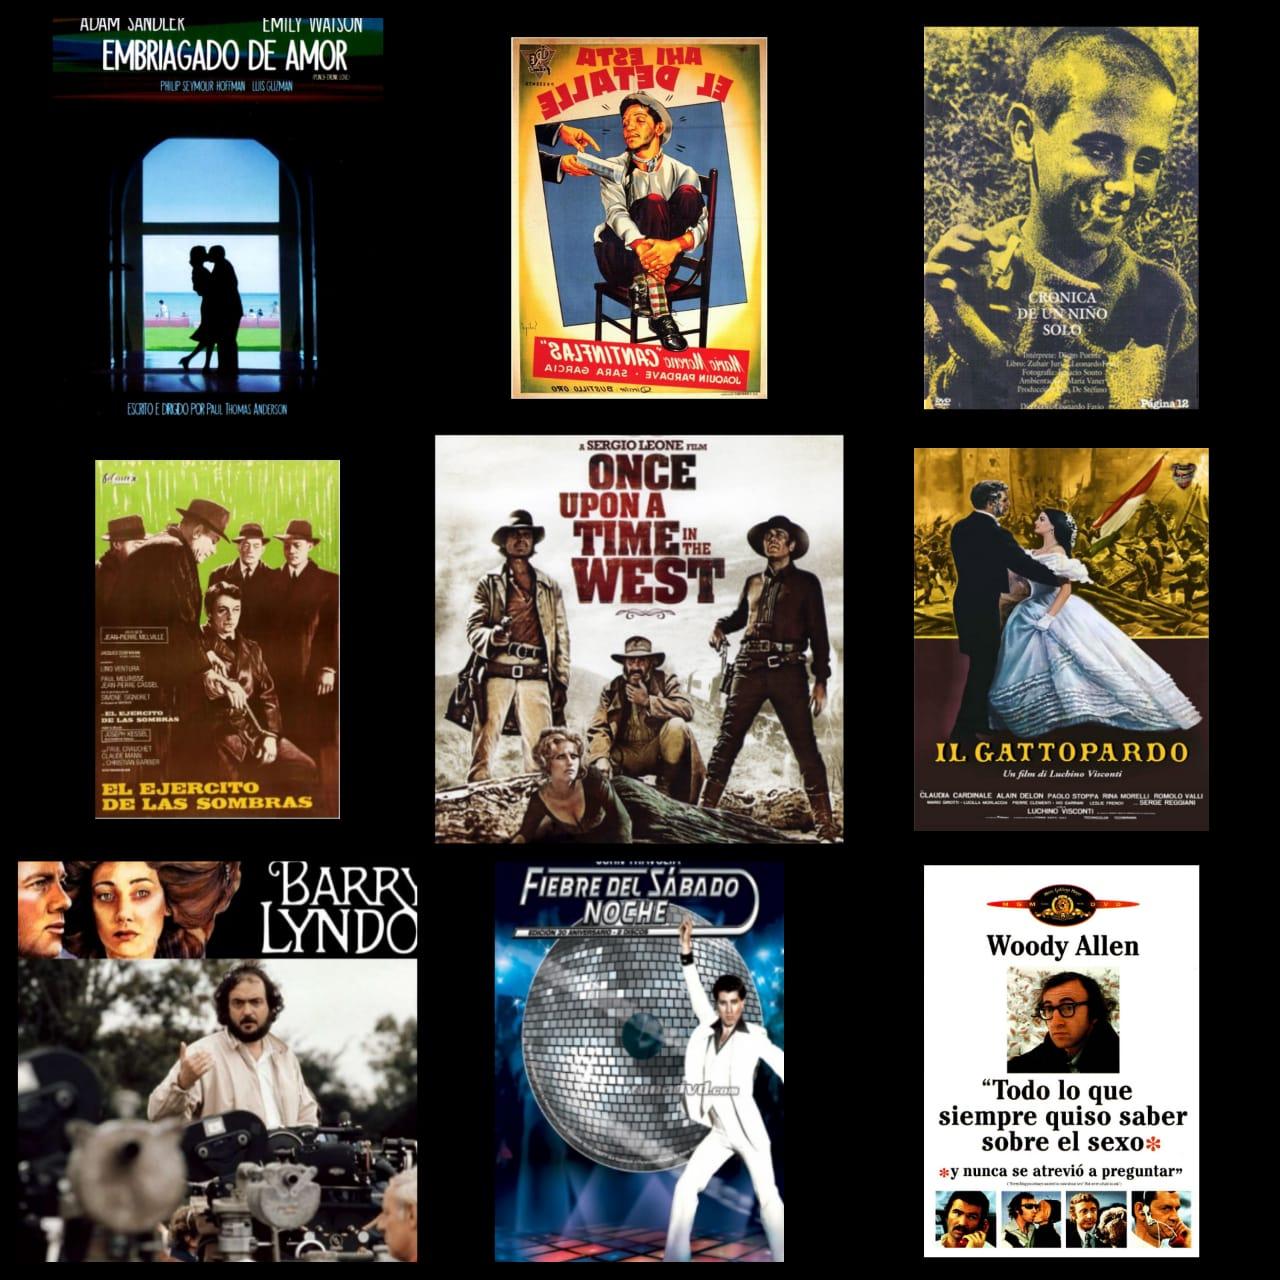 Diez películas para volver a ver